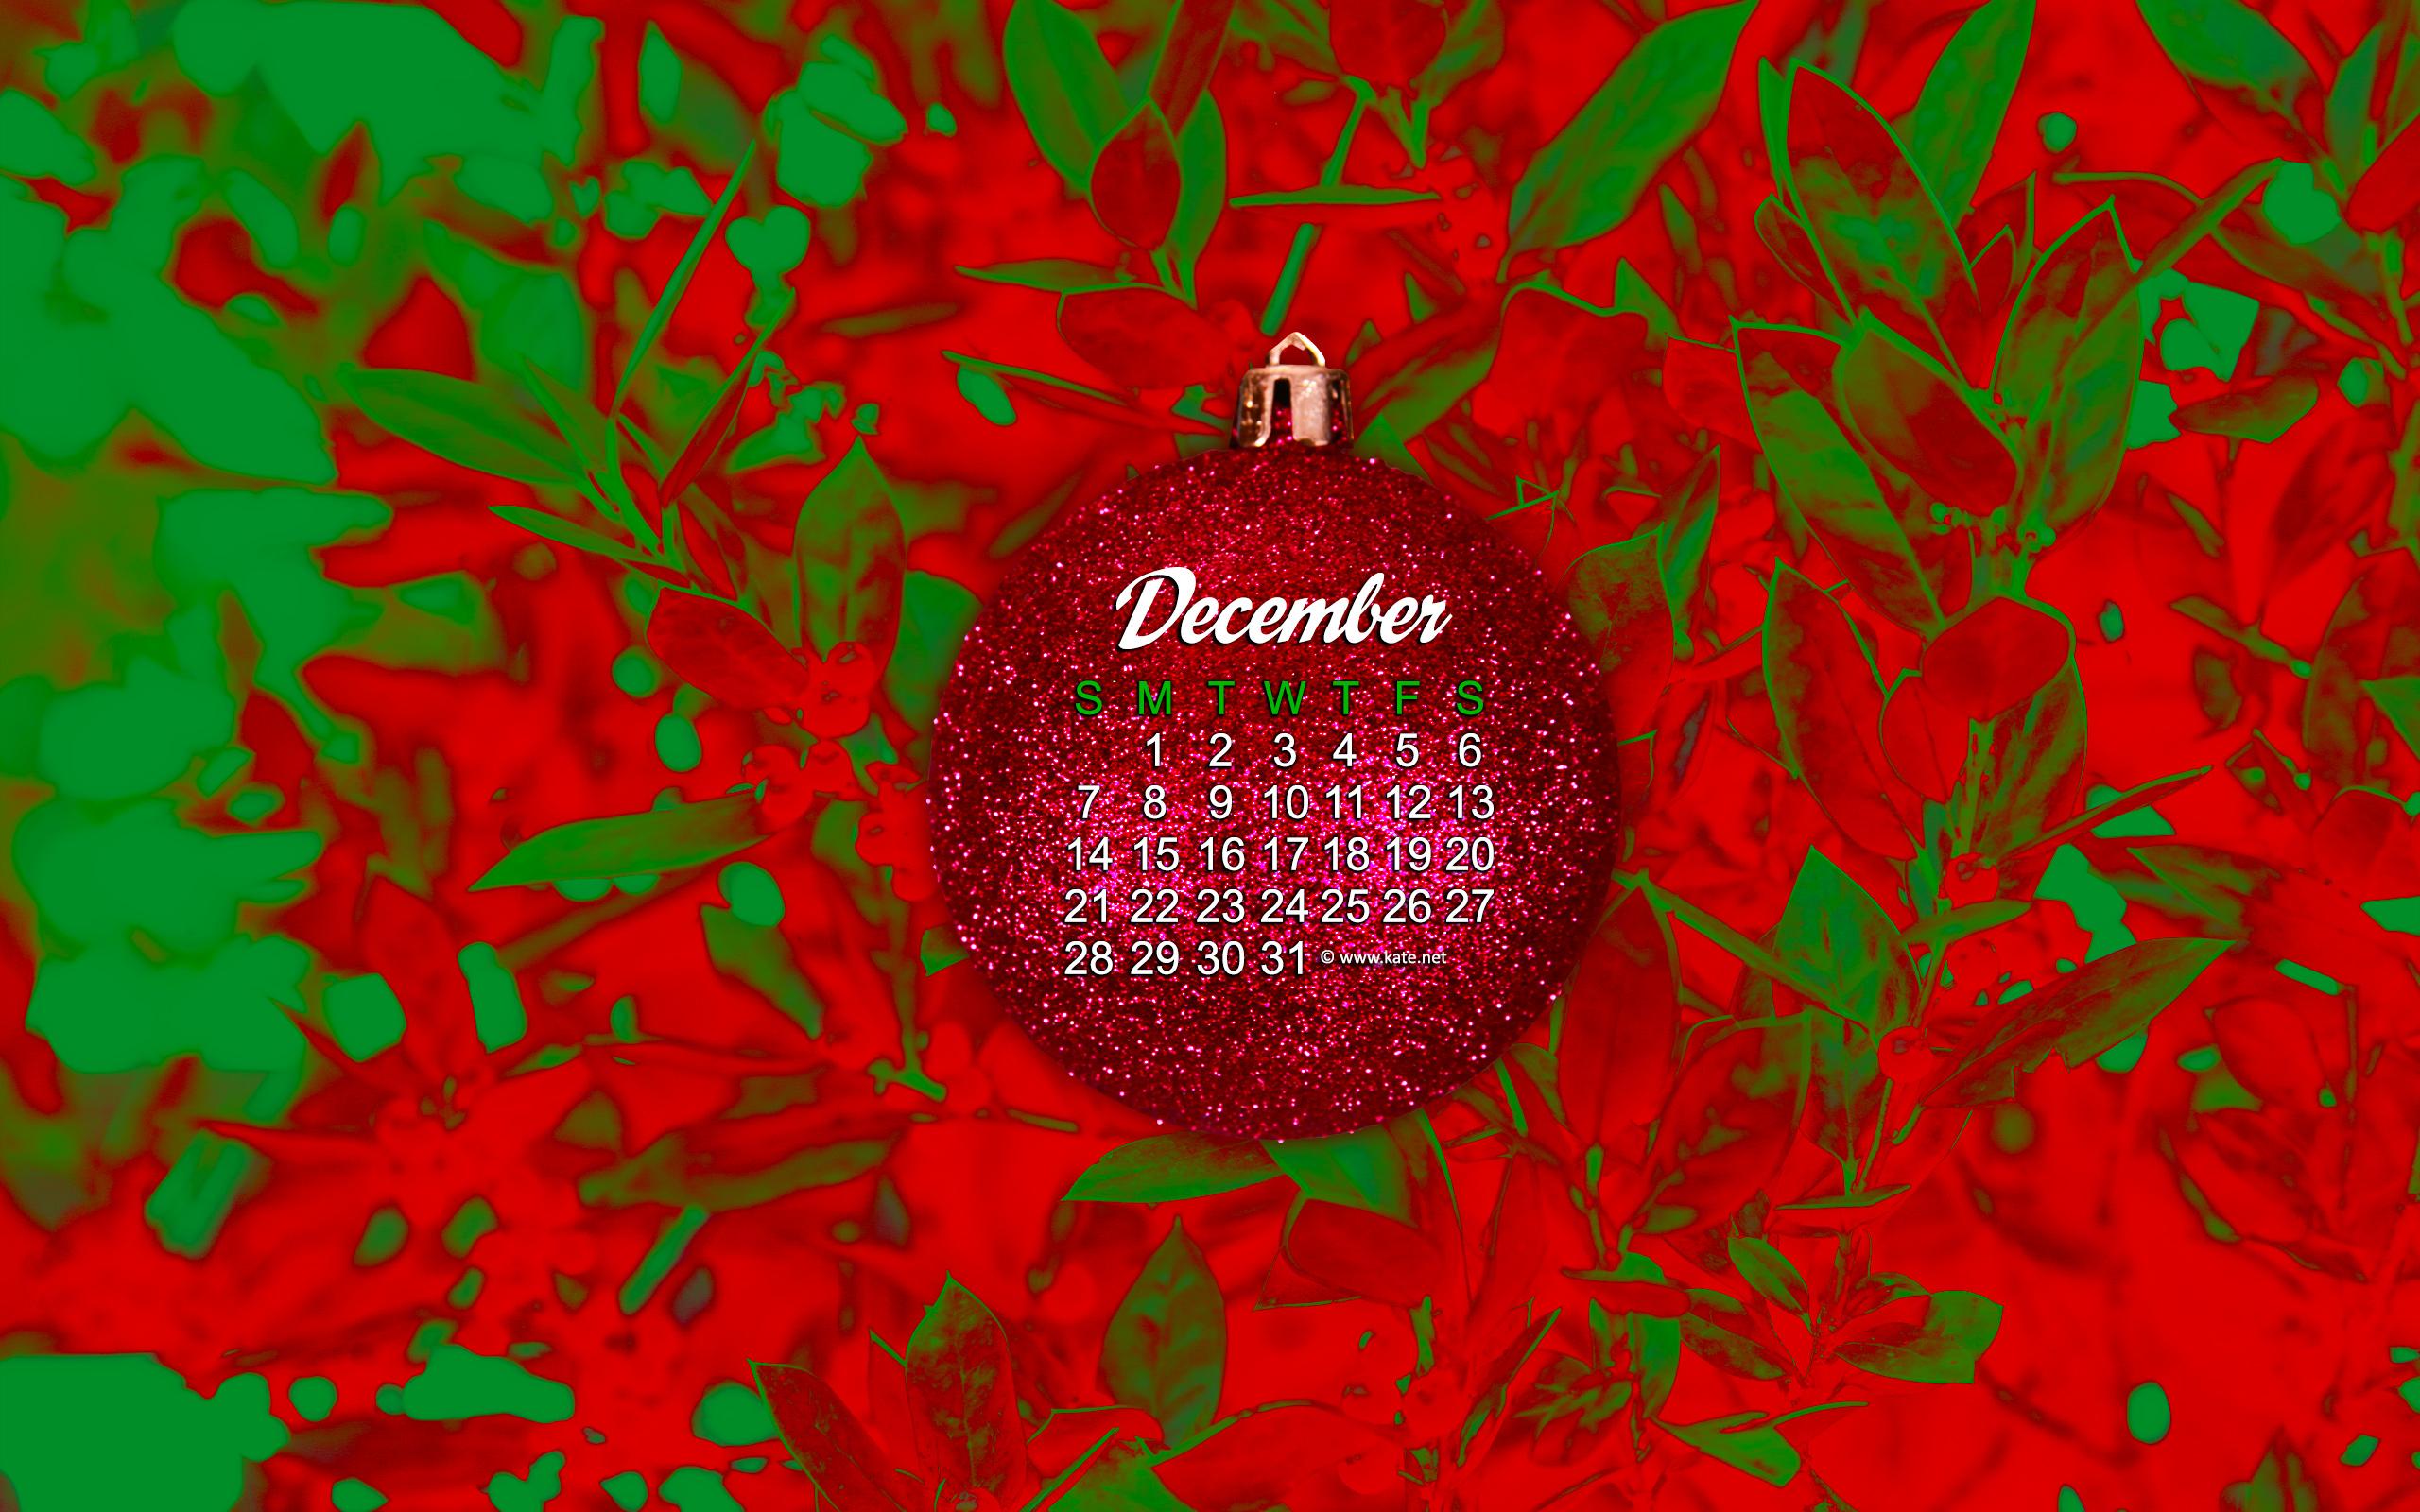 december calendar wallpaper ornament photo wallpaper kate net created 2560x1600